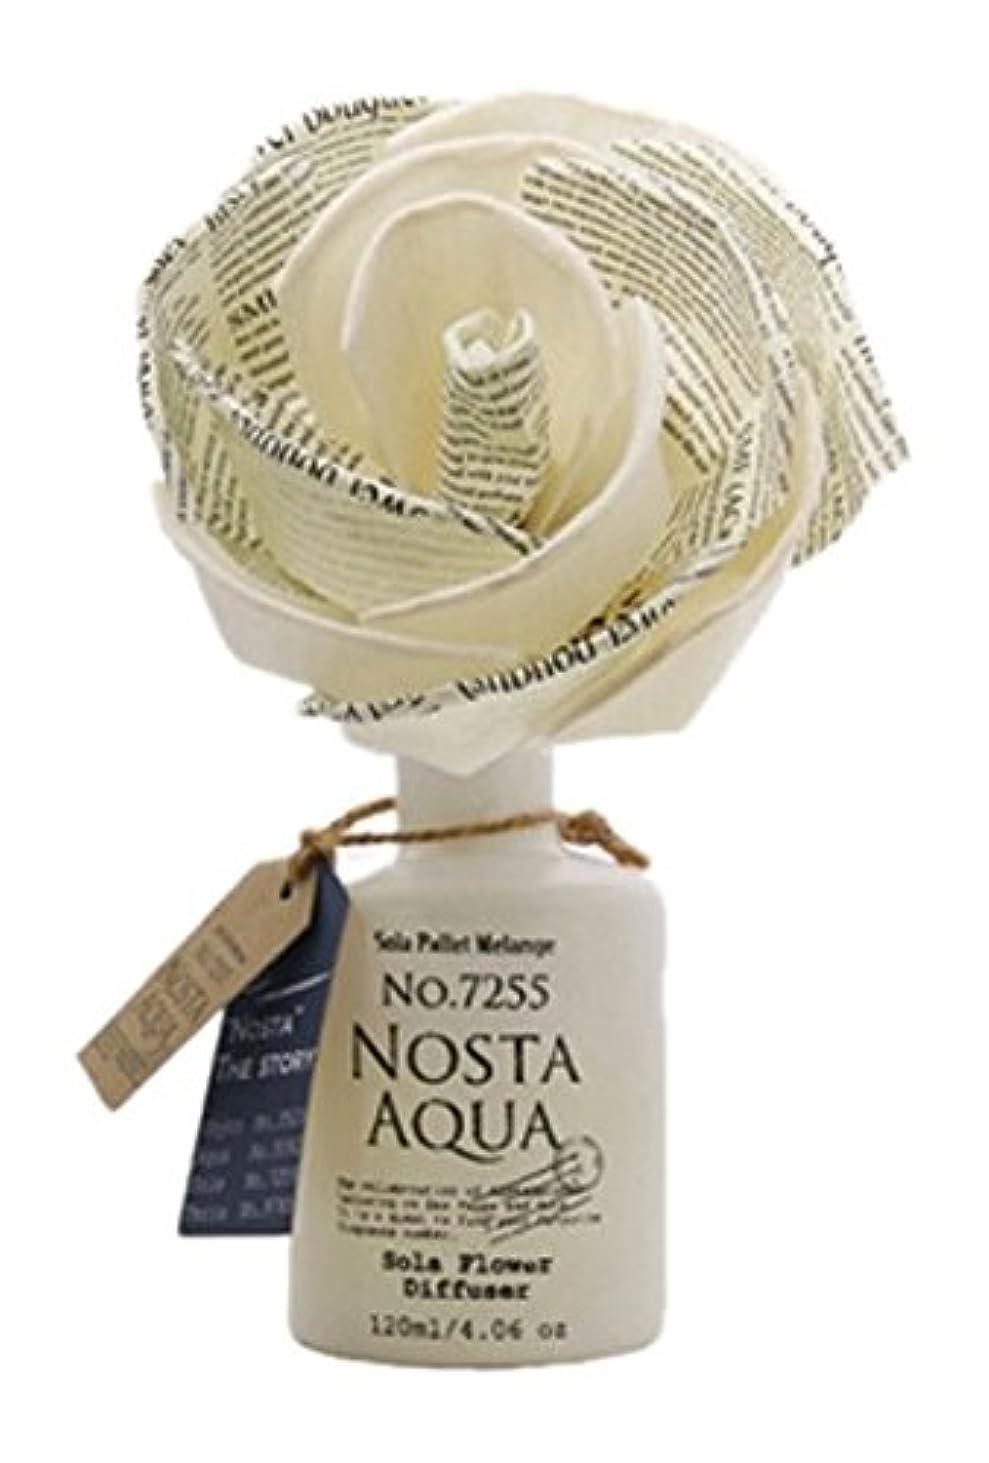 口実不名誉な判決Nosta ノスタ Solaflower Diffuser ソラフラワーディフューザー Aqua アクア/生命の起源